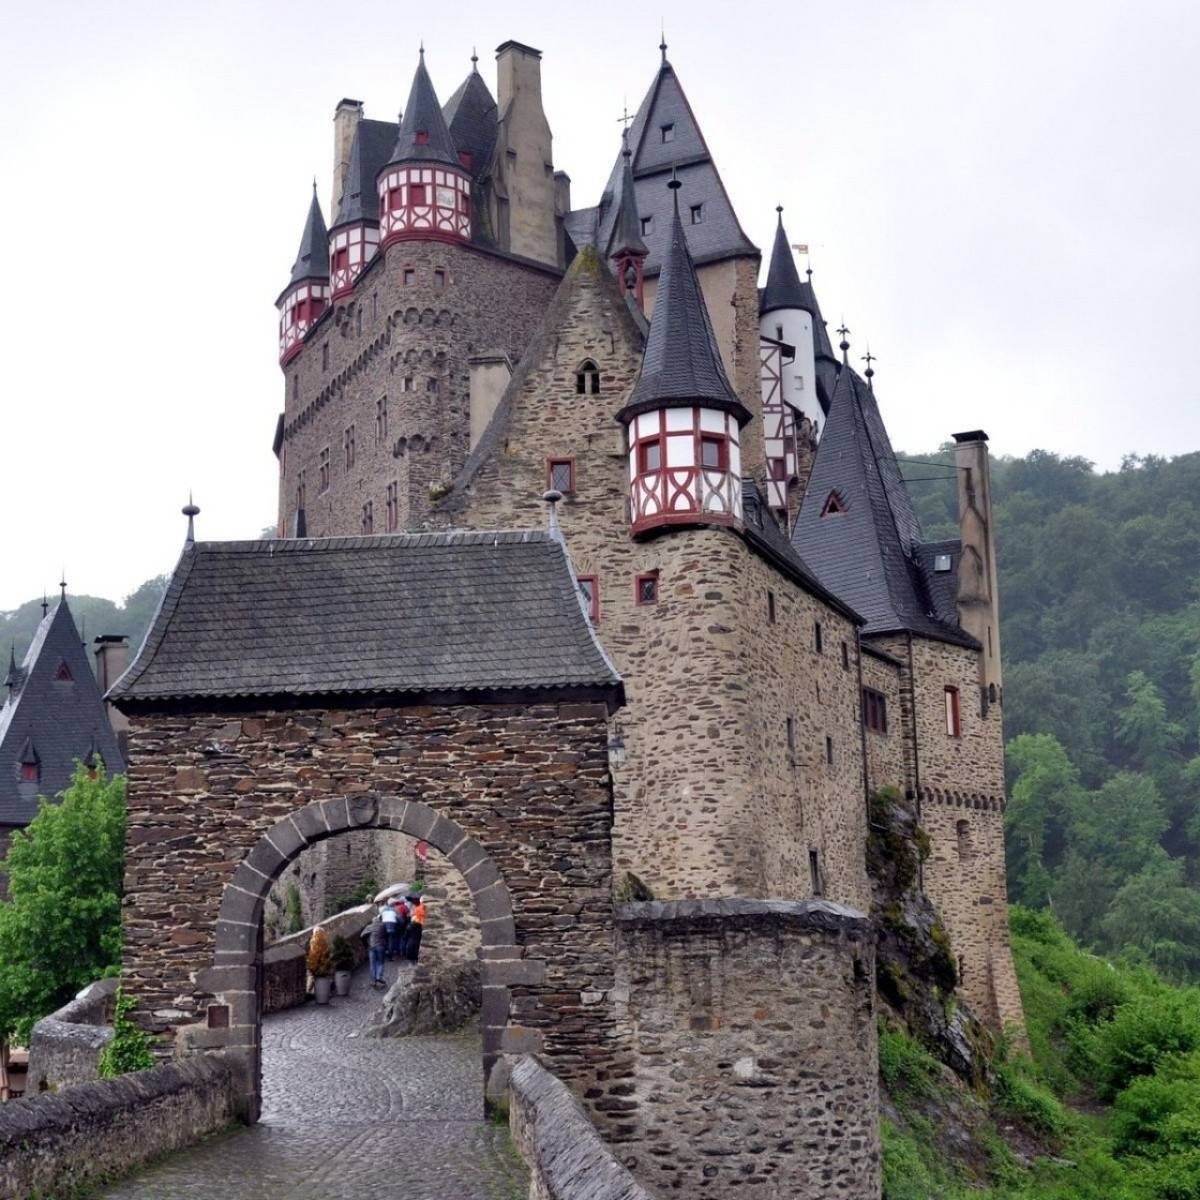 Замок эльц: объекты и достопримечательности — плейсмент